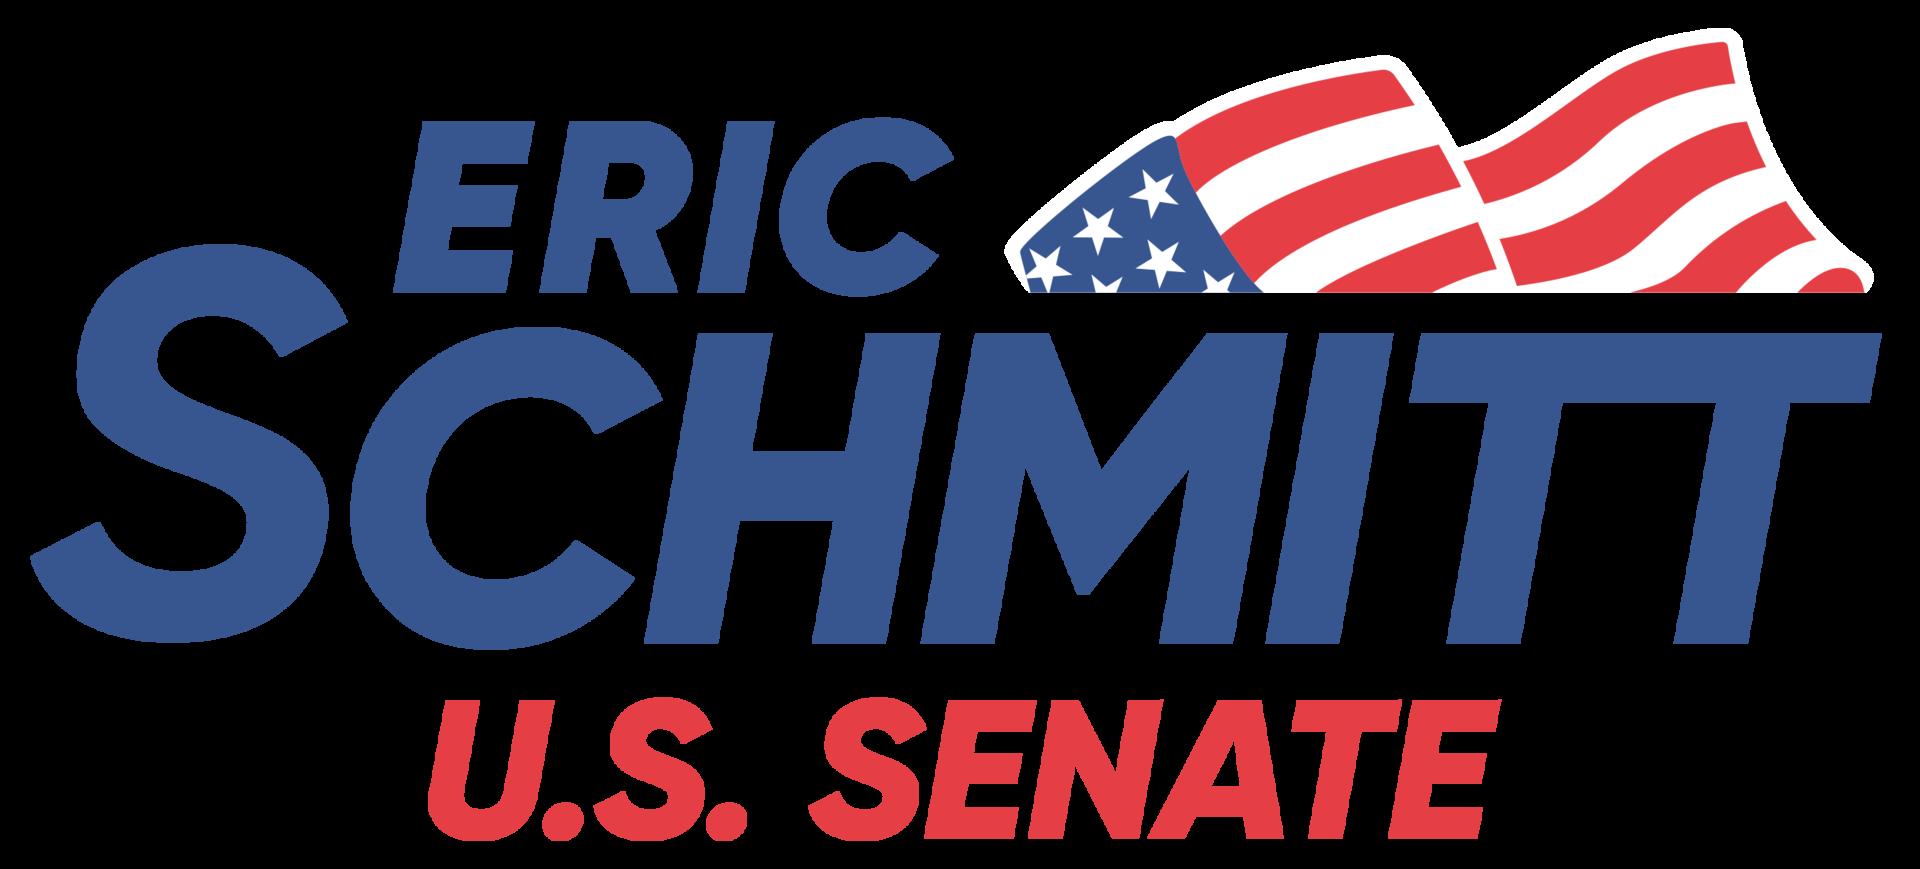 Schmitt logo22